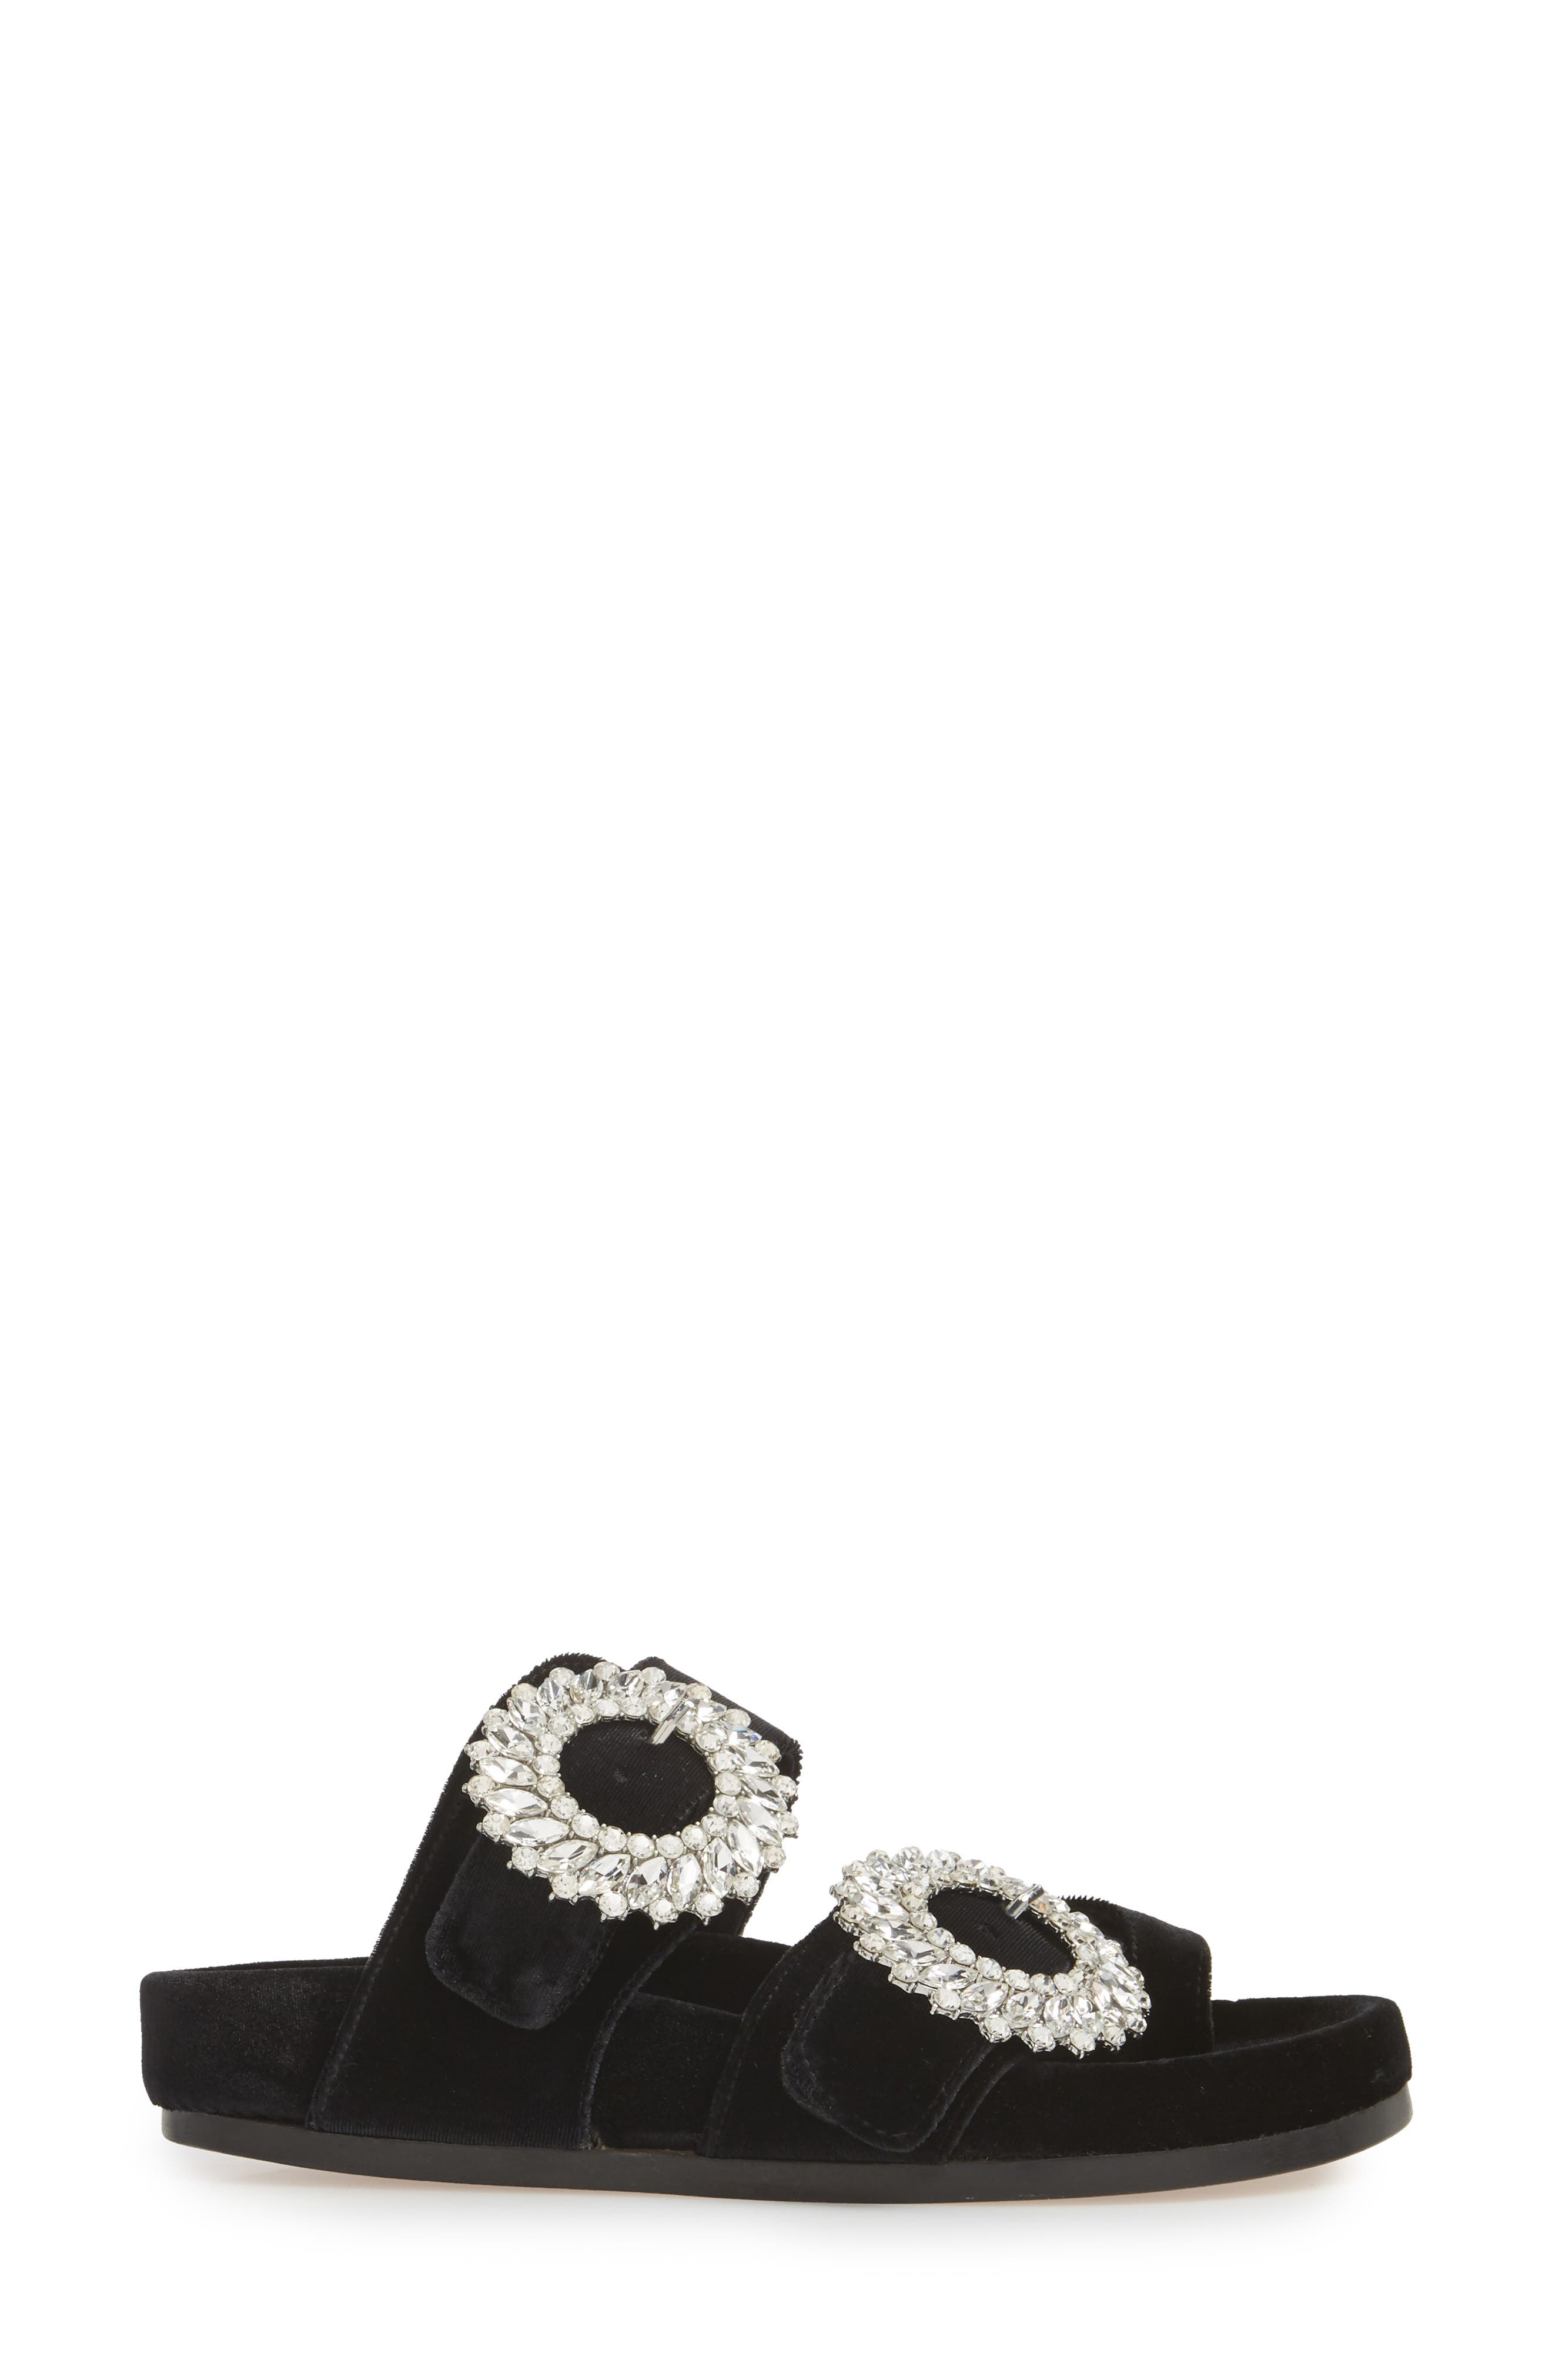 Maui2 Sandal,                             Alternate thumbnail 3, color,                             Black Velvet/ White